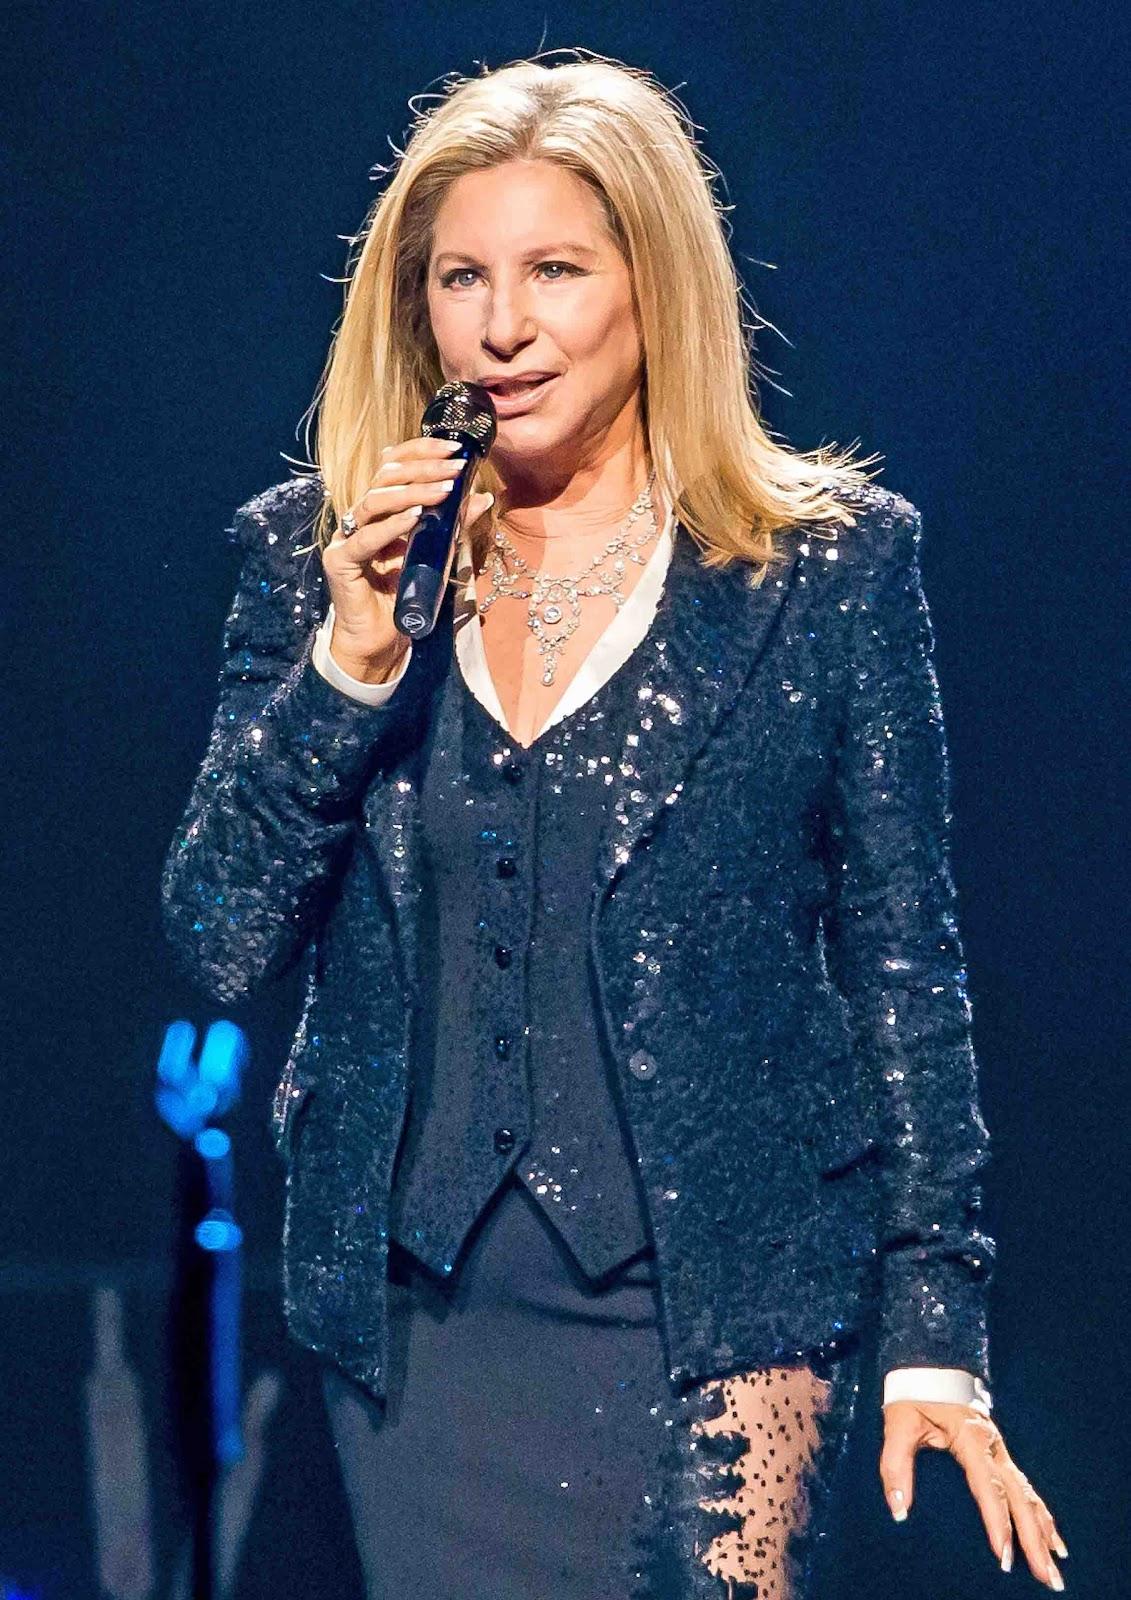 http://3.bp.blogspot.com/-ZU4dvnE1zis/UJcup6SwxWI/AAAAAAACmn8/TBuc_RSajyE/s1600/Barbra+Streisand.jpg